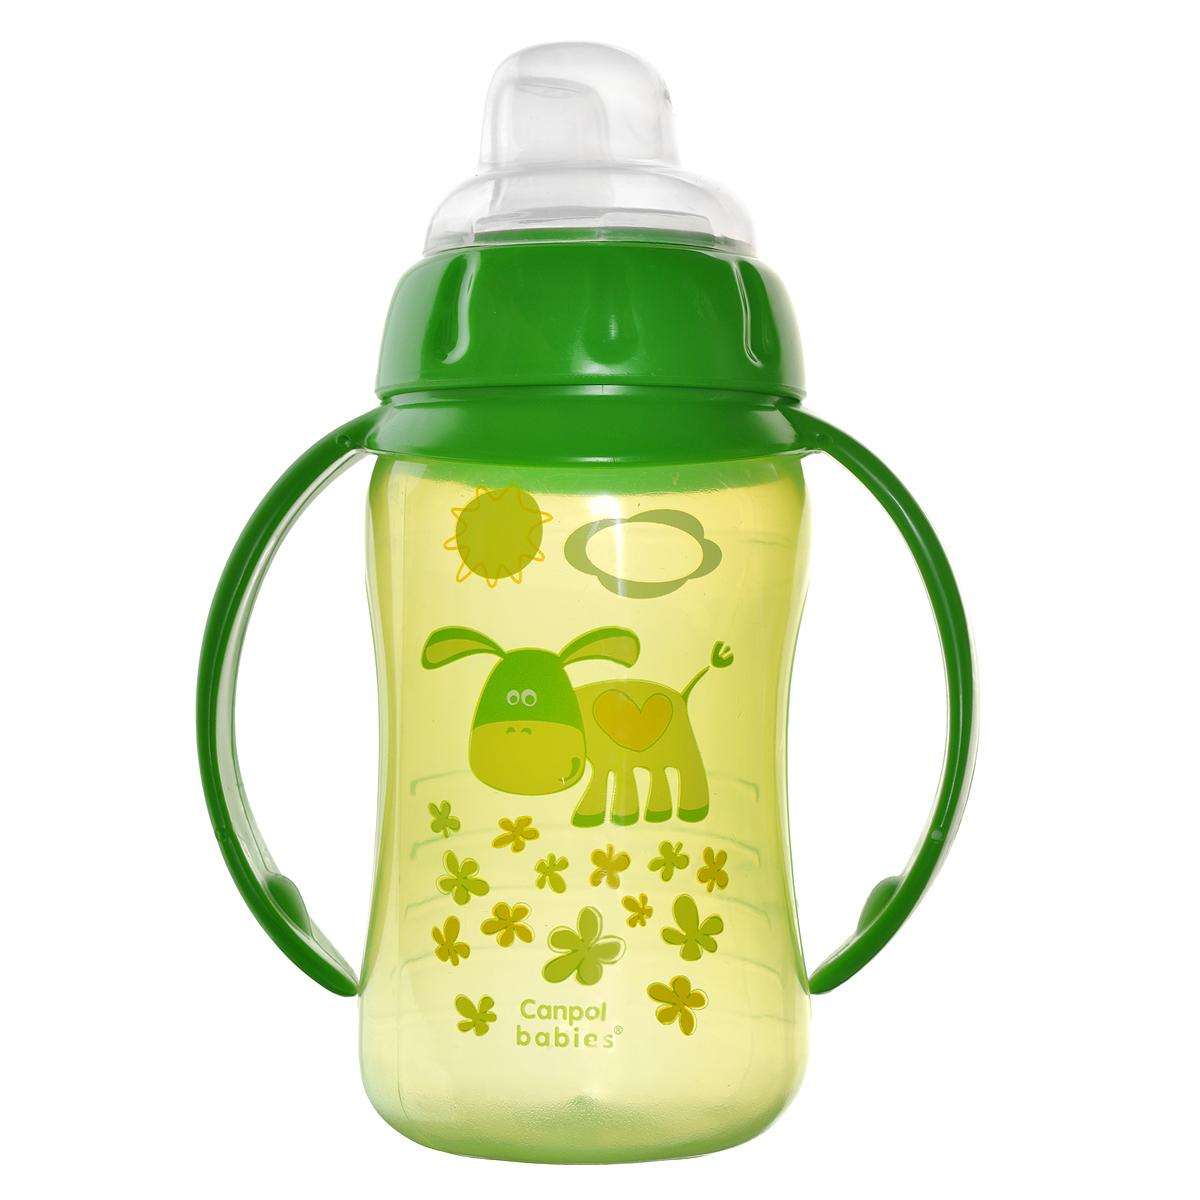 Canpol Babies Поильник с силиконовым носиком от 9 месяцев цвет зеленый 320 мл canpol babies бутылочка с силиконовым носиком от 6 месяцев цвет розовый 250 мл